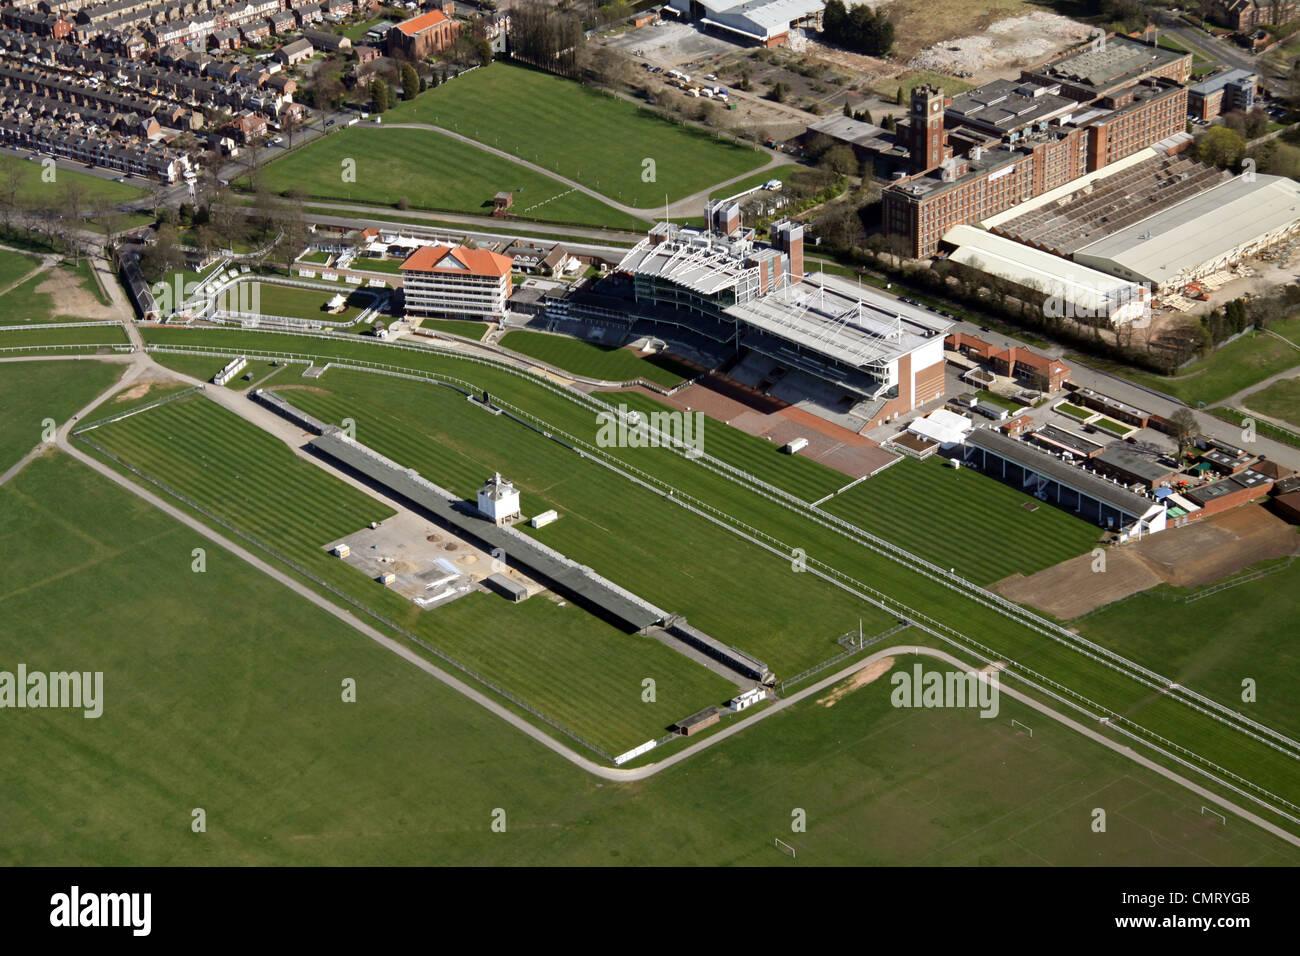 Vista aérea de la tribuna y Paddock en York Racecourse Imagen De Stock